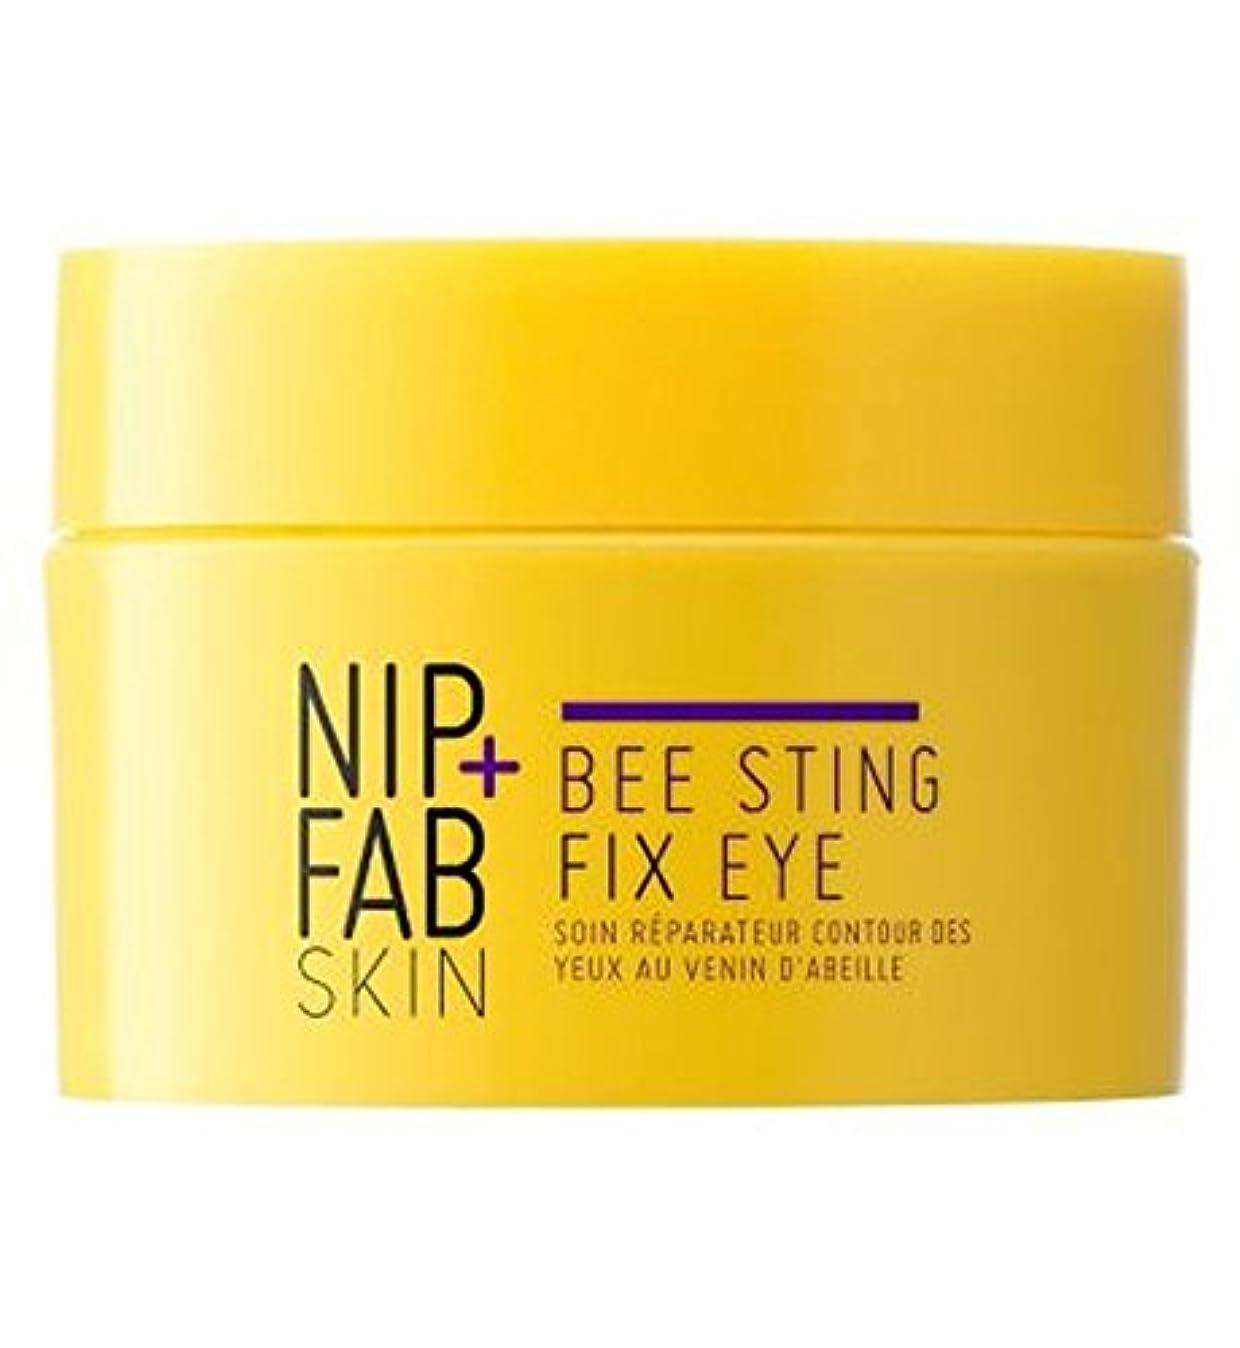 シャンプー粘り強い荒れ地Nip+Fab Bee Sting Fix Eye Night - +ファブハチ刺されフィックス目の夜ニップ (Nip & Fab) [並行輸入品]